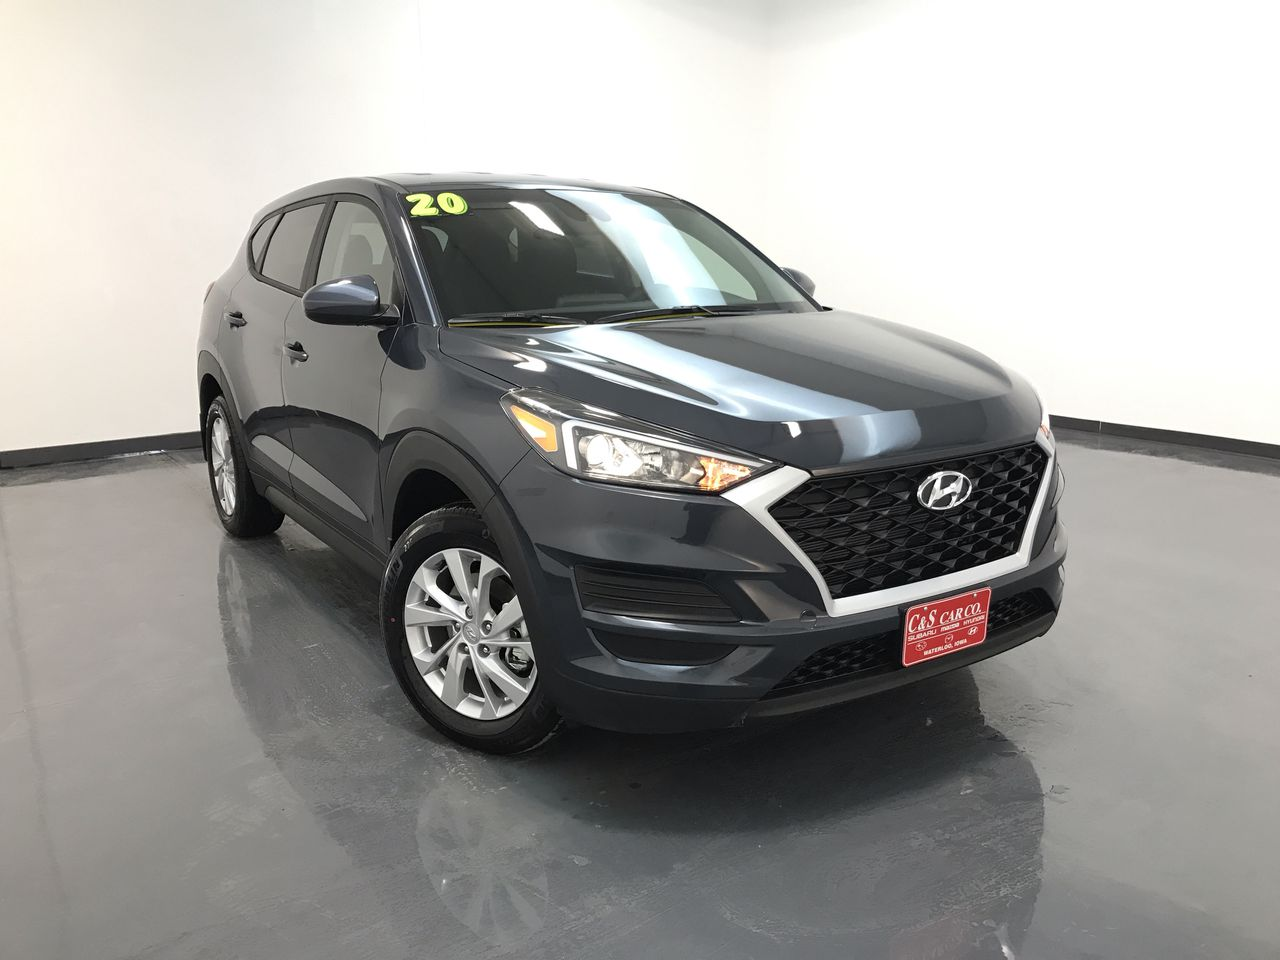 2020 Hyundai Tucson SE AWD  - HY8337  - C & S Car Company